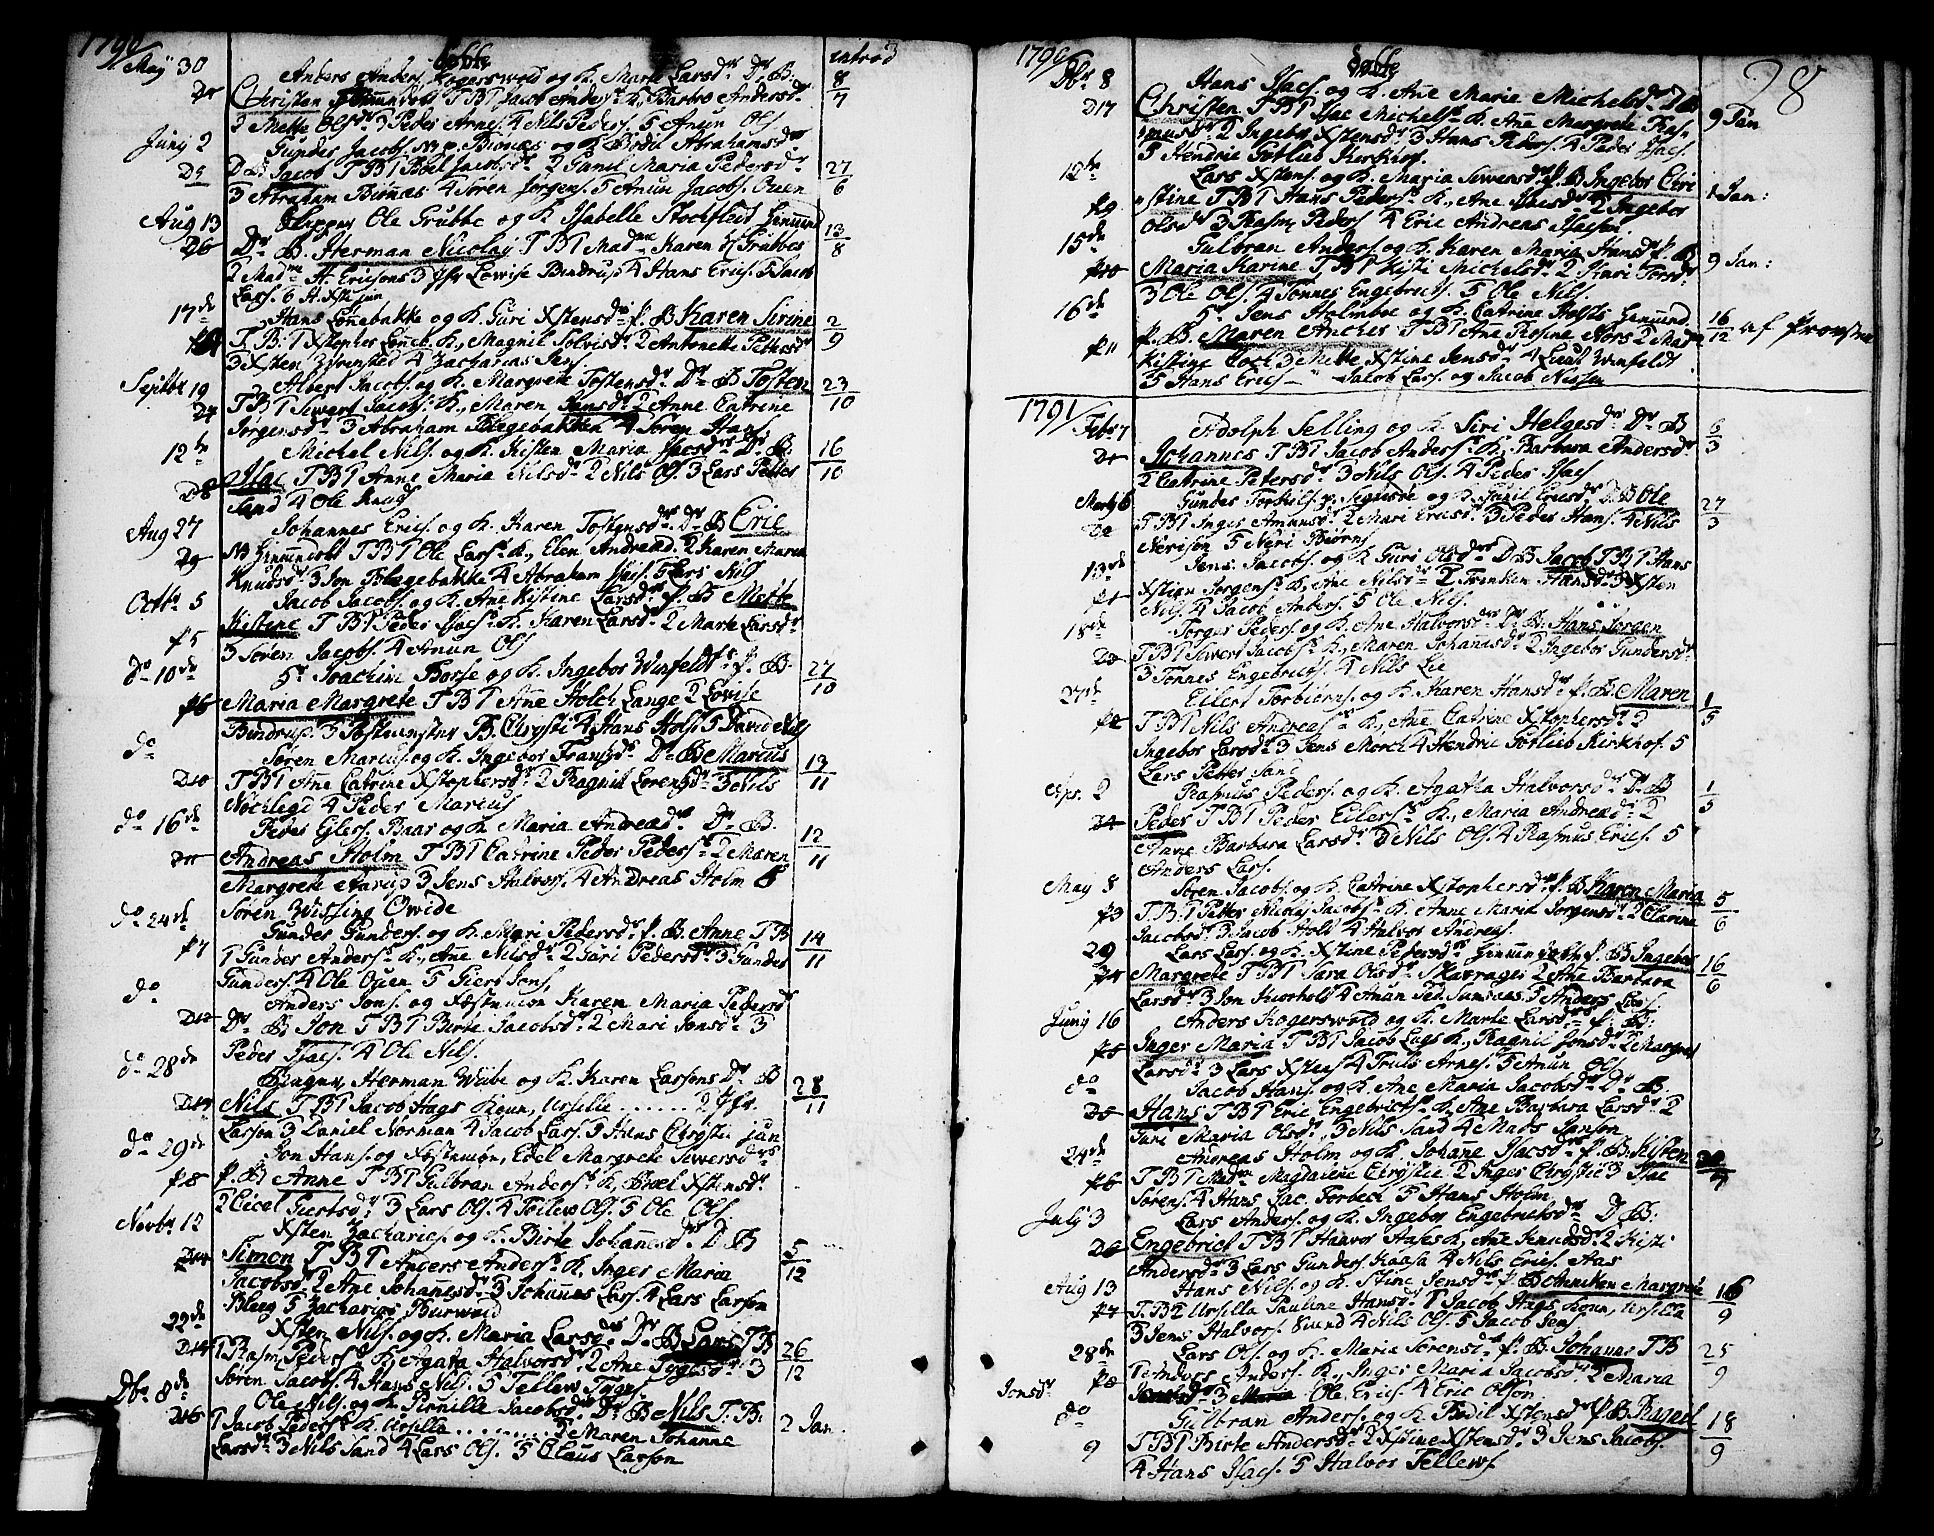 SAKO, Brevik kirkebøker, F/Fa/L0003: Ministerialbok nr. 3, 1764-1814, s. 28